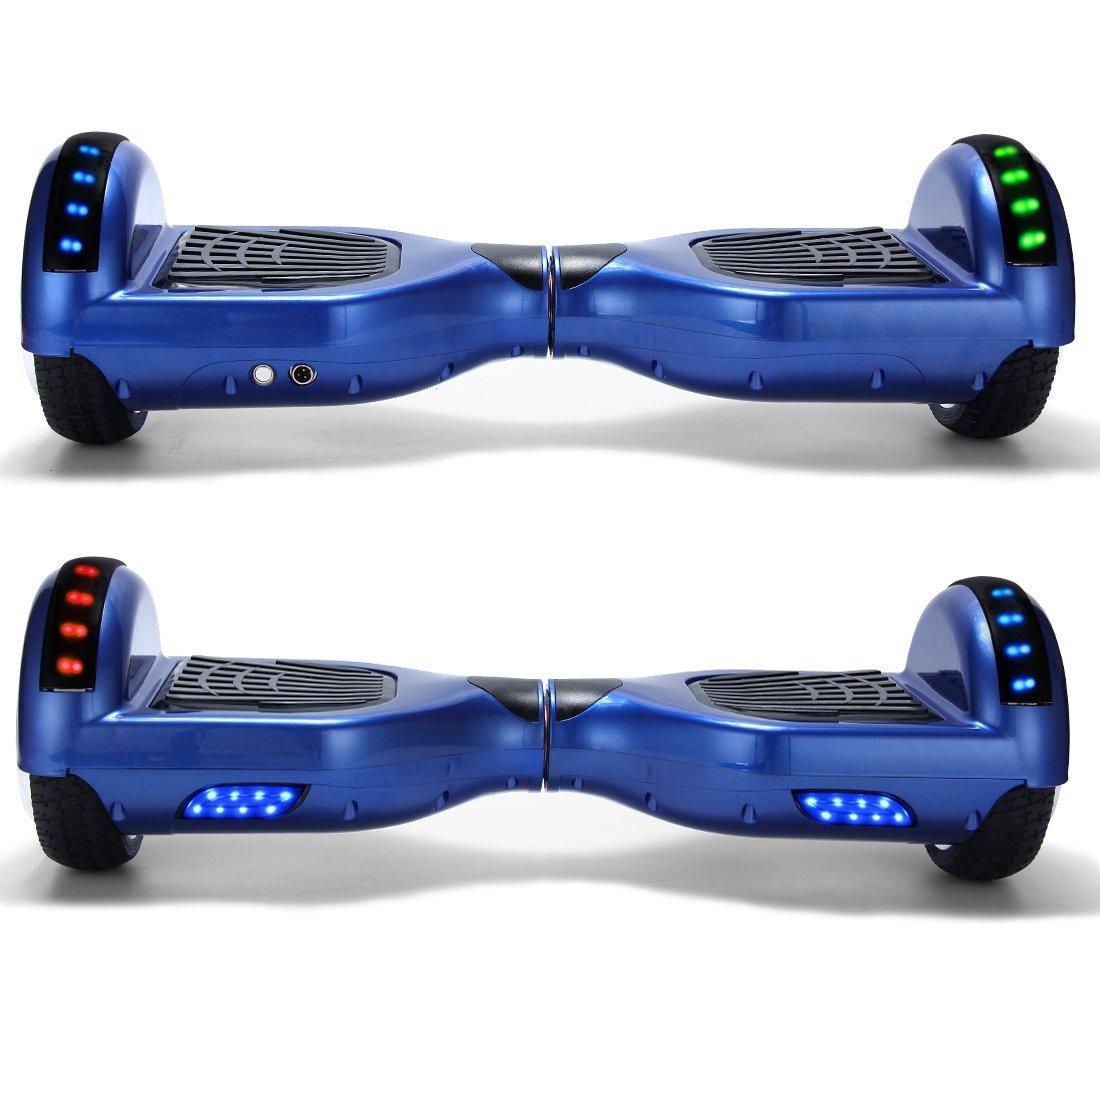 Xe đi bộ 2 bánh chạy điện thông minh xanh 7 màu